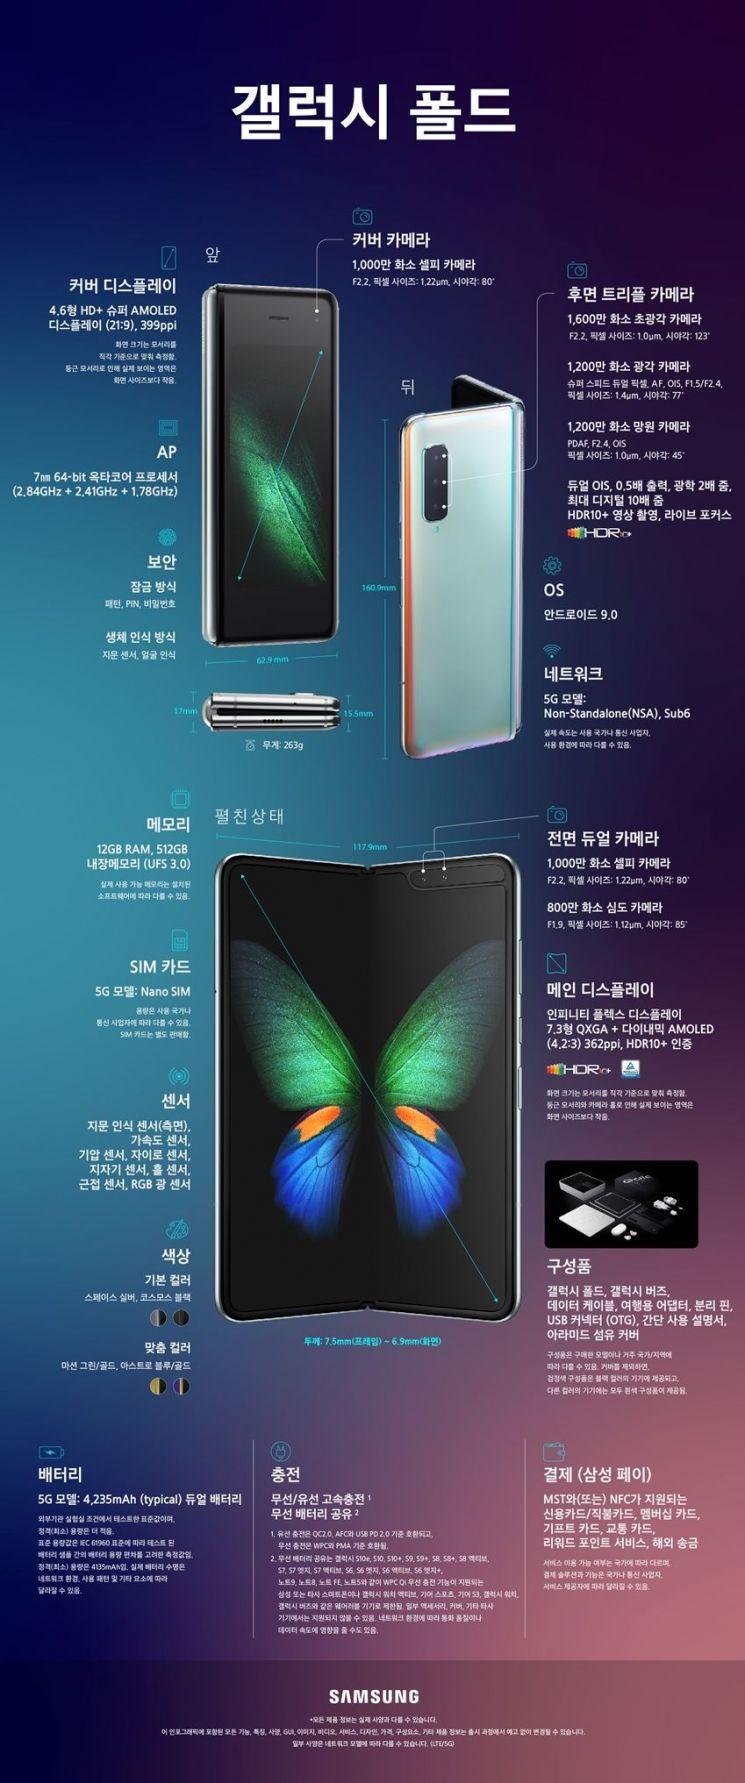 삼성, 완성형 '갤럭시 폴드' 공개…화웨이보다 '32g' 가볍다